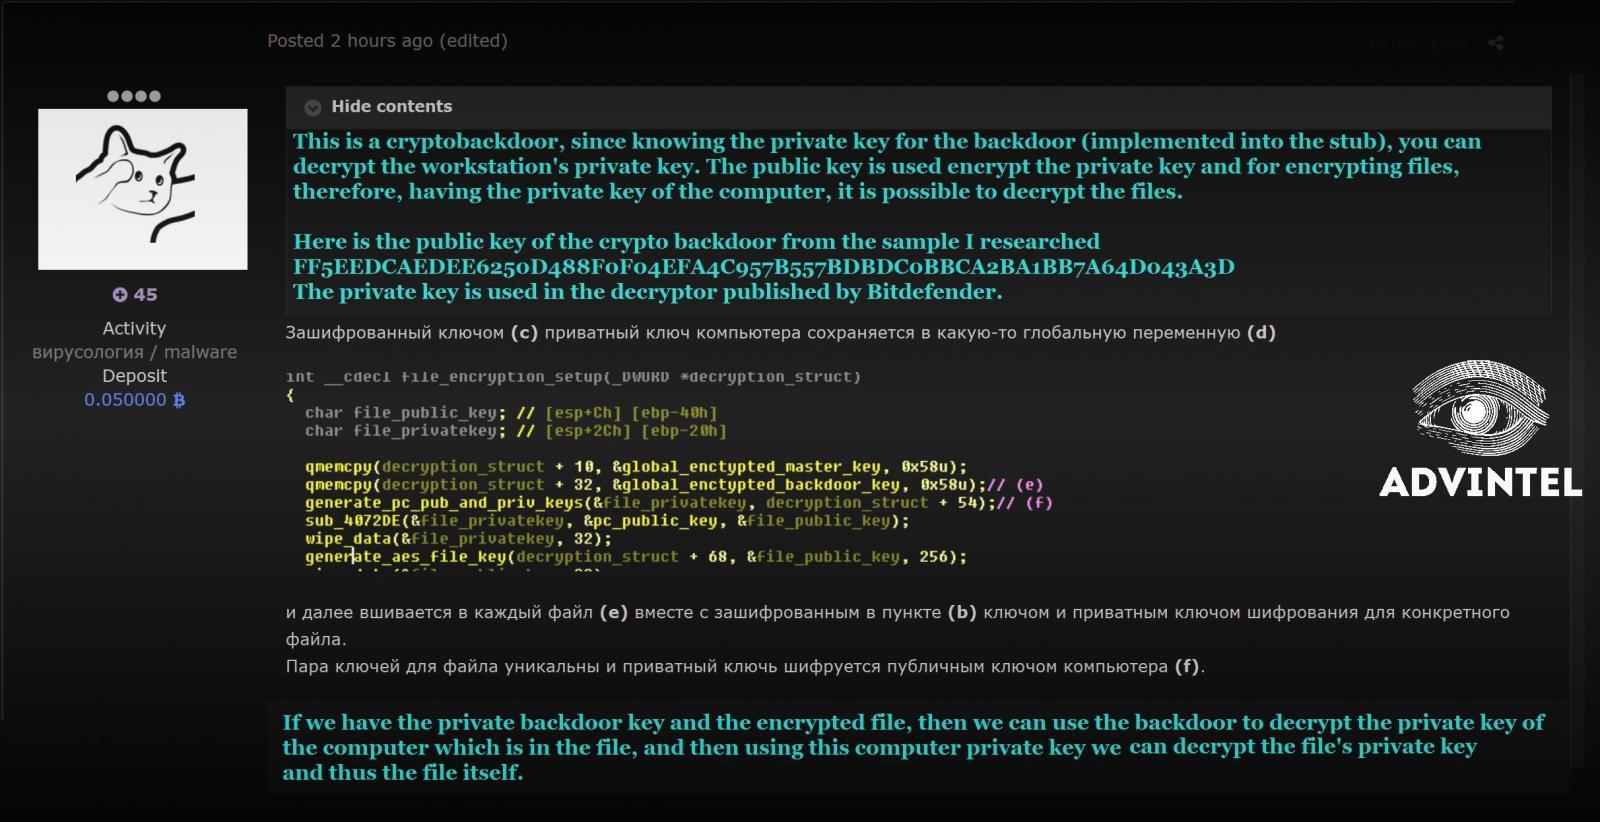 Usuário de um fórum cibercriminoso de língua russa comenta sobre uma backdoor no ransomware desenvolvido pelo REvil. Foto: Advanced Intel.